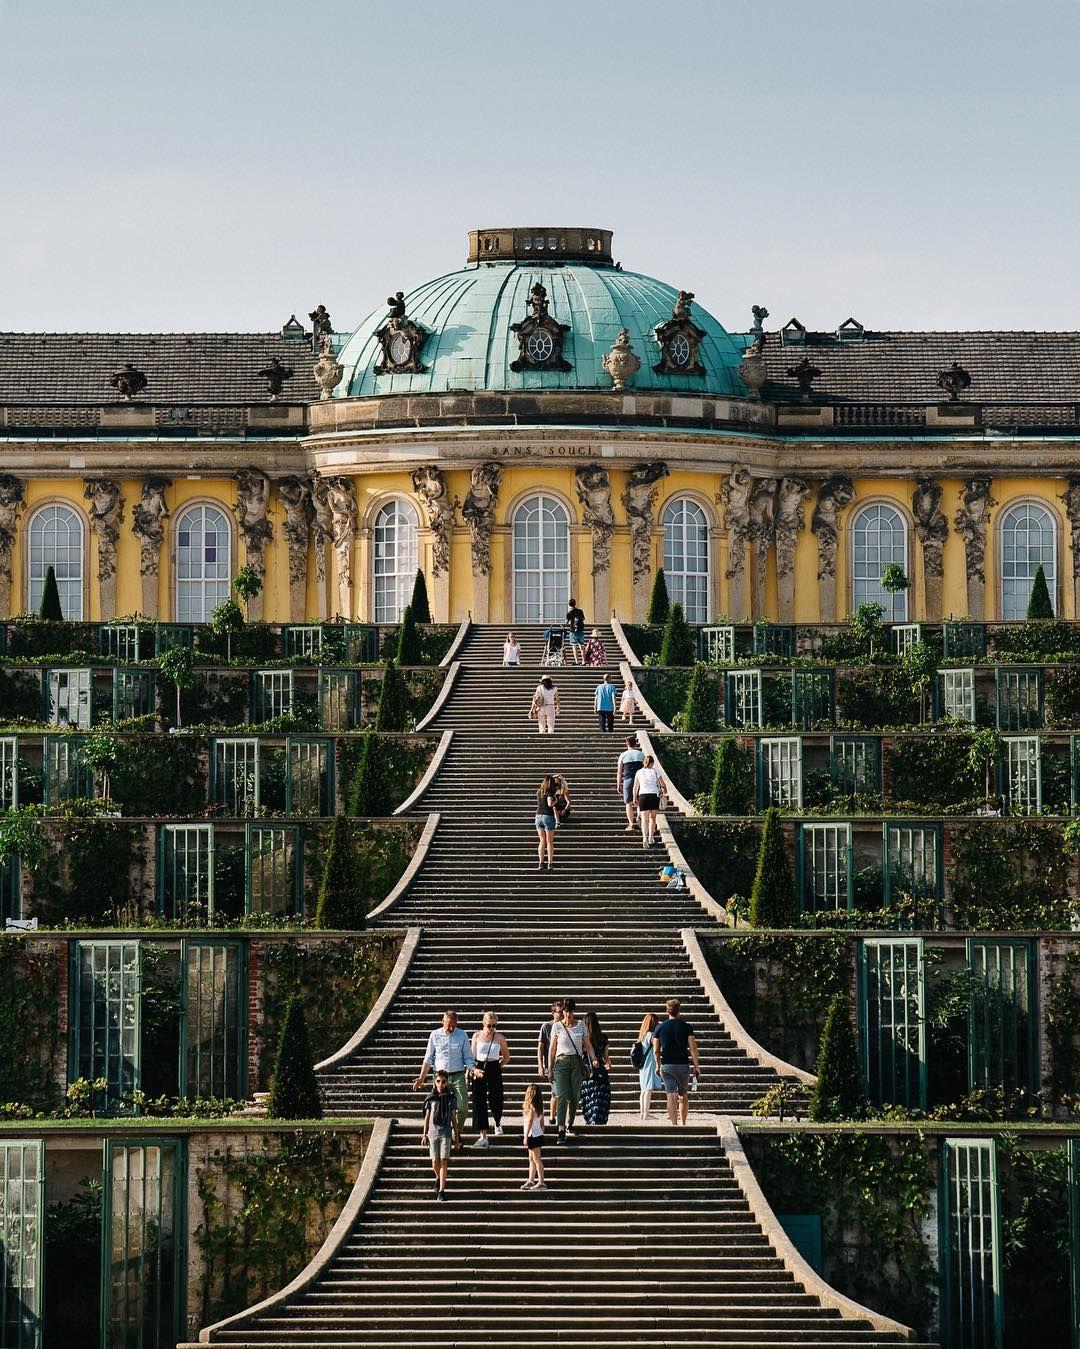 Sanssouci Eins Der Grossten Wahrzeichen In Potsdam Ist Das Schlosssanssouci In Den Morgenstunden Kann Man Die Treppe Vor Dem Schloss Building Castle Travel